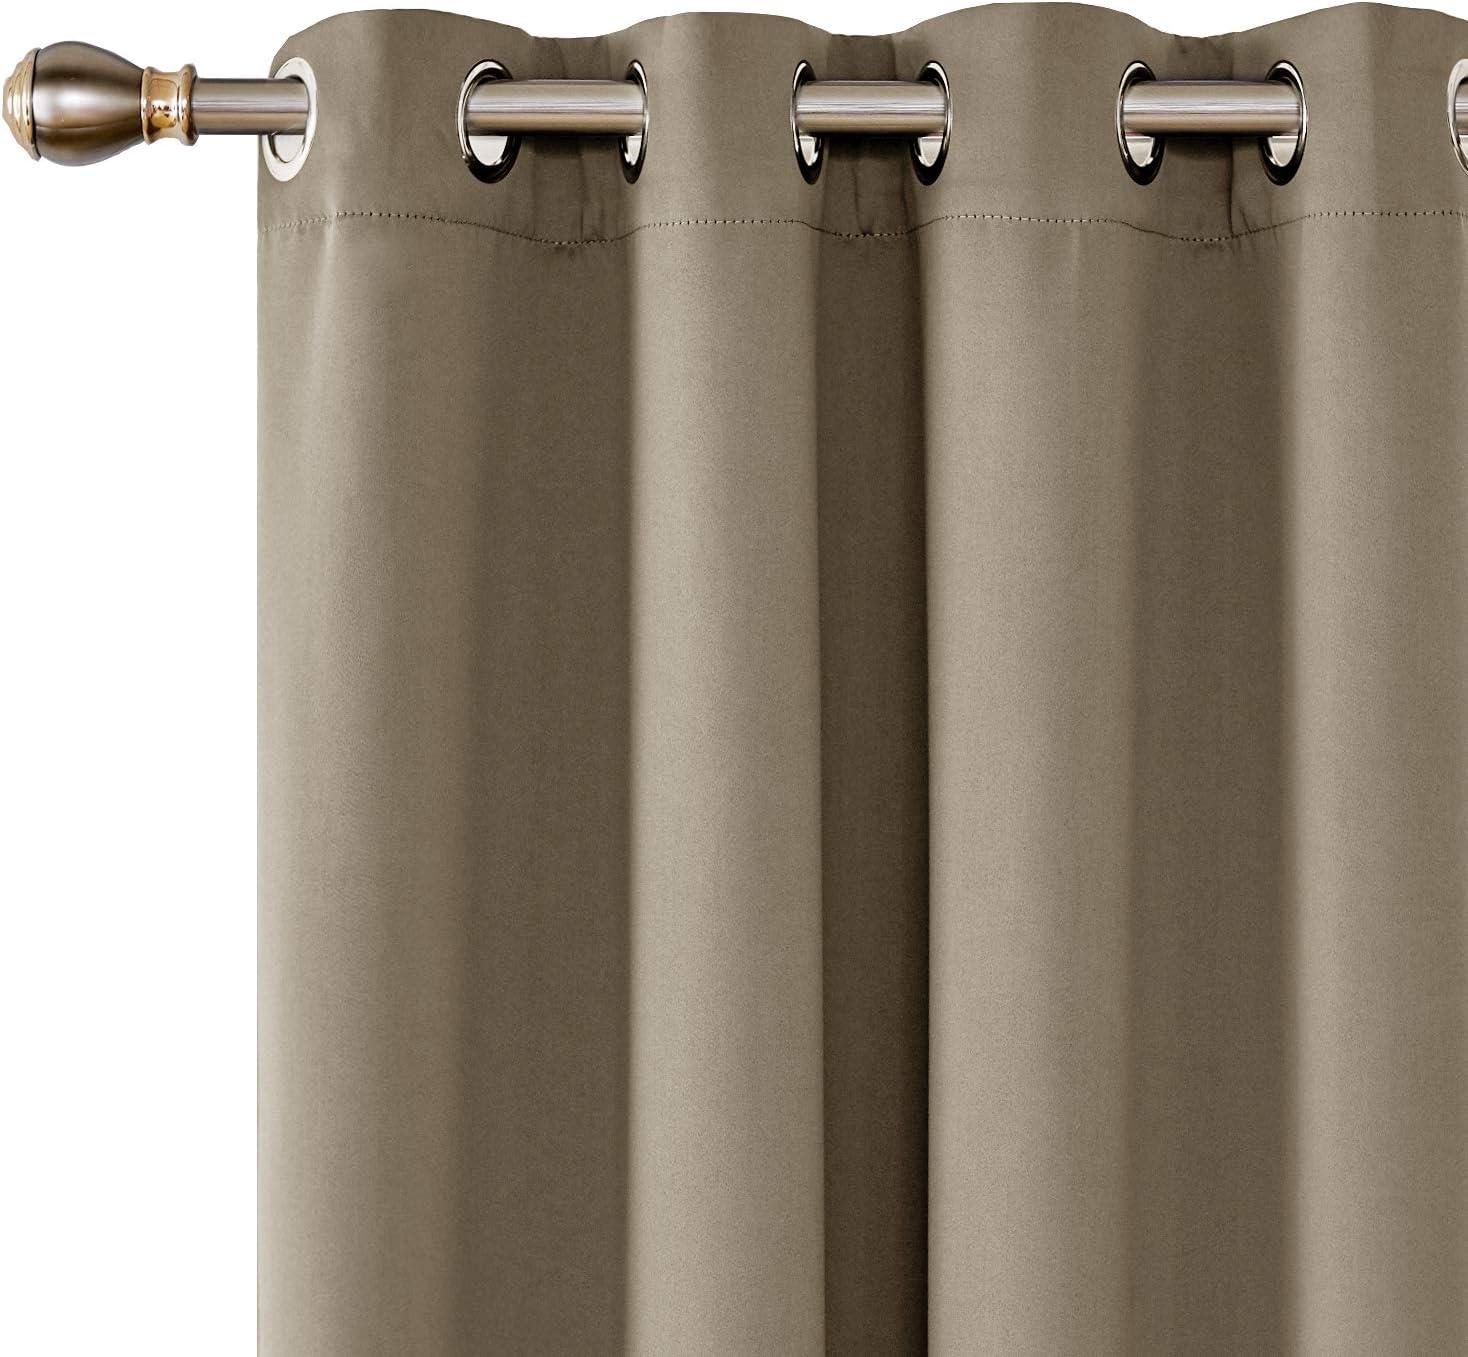 Essentials 2 Schals Verdunkelung Gardinen /Ösen Thermogardine Verdunklungsvorhang 140x260 cm Schwarz UMI